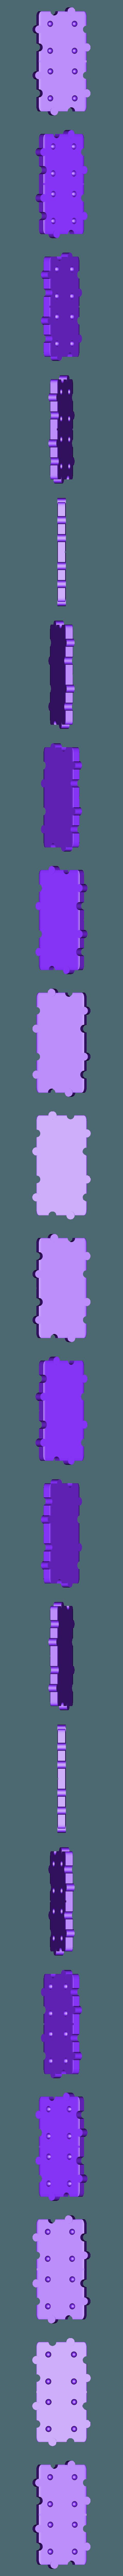 Ligne 4.stl Download STL file Domino 3D • 3D print design, graphismeMIH